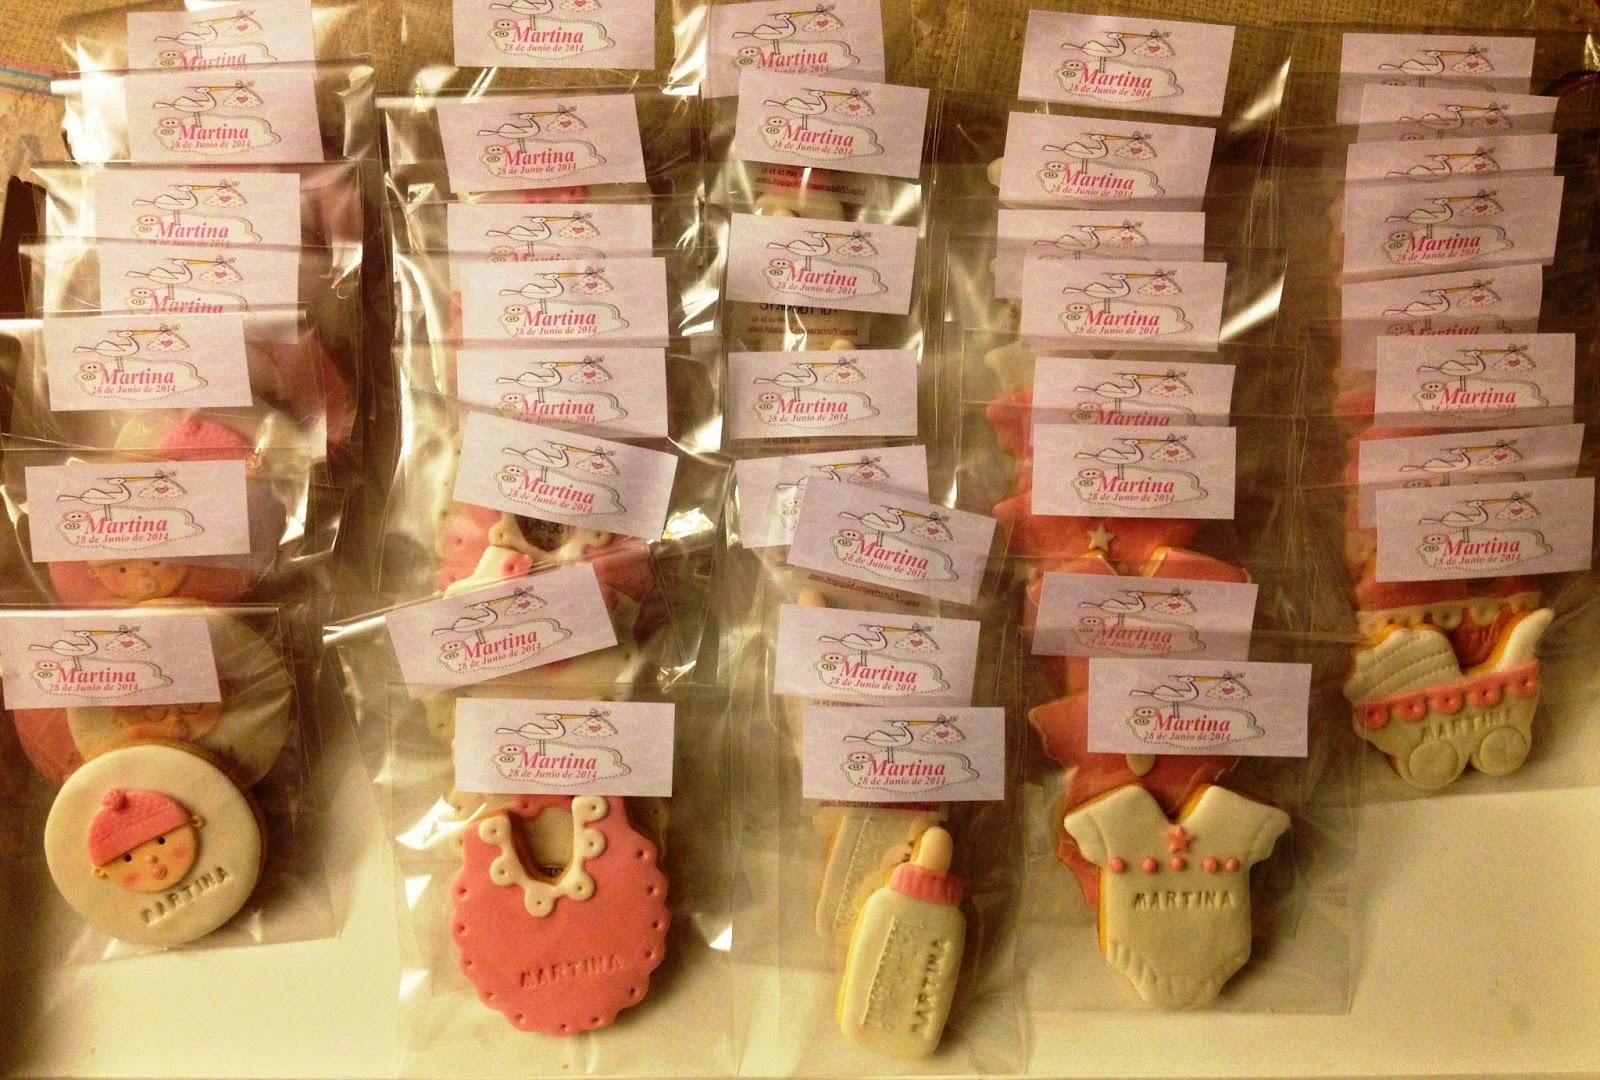 galletas bautizo niña, galletas decoradas bautizo niña, galletas decoradas bautizo, galletas fondant bautizo niña, galletas fondant bautizo